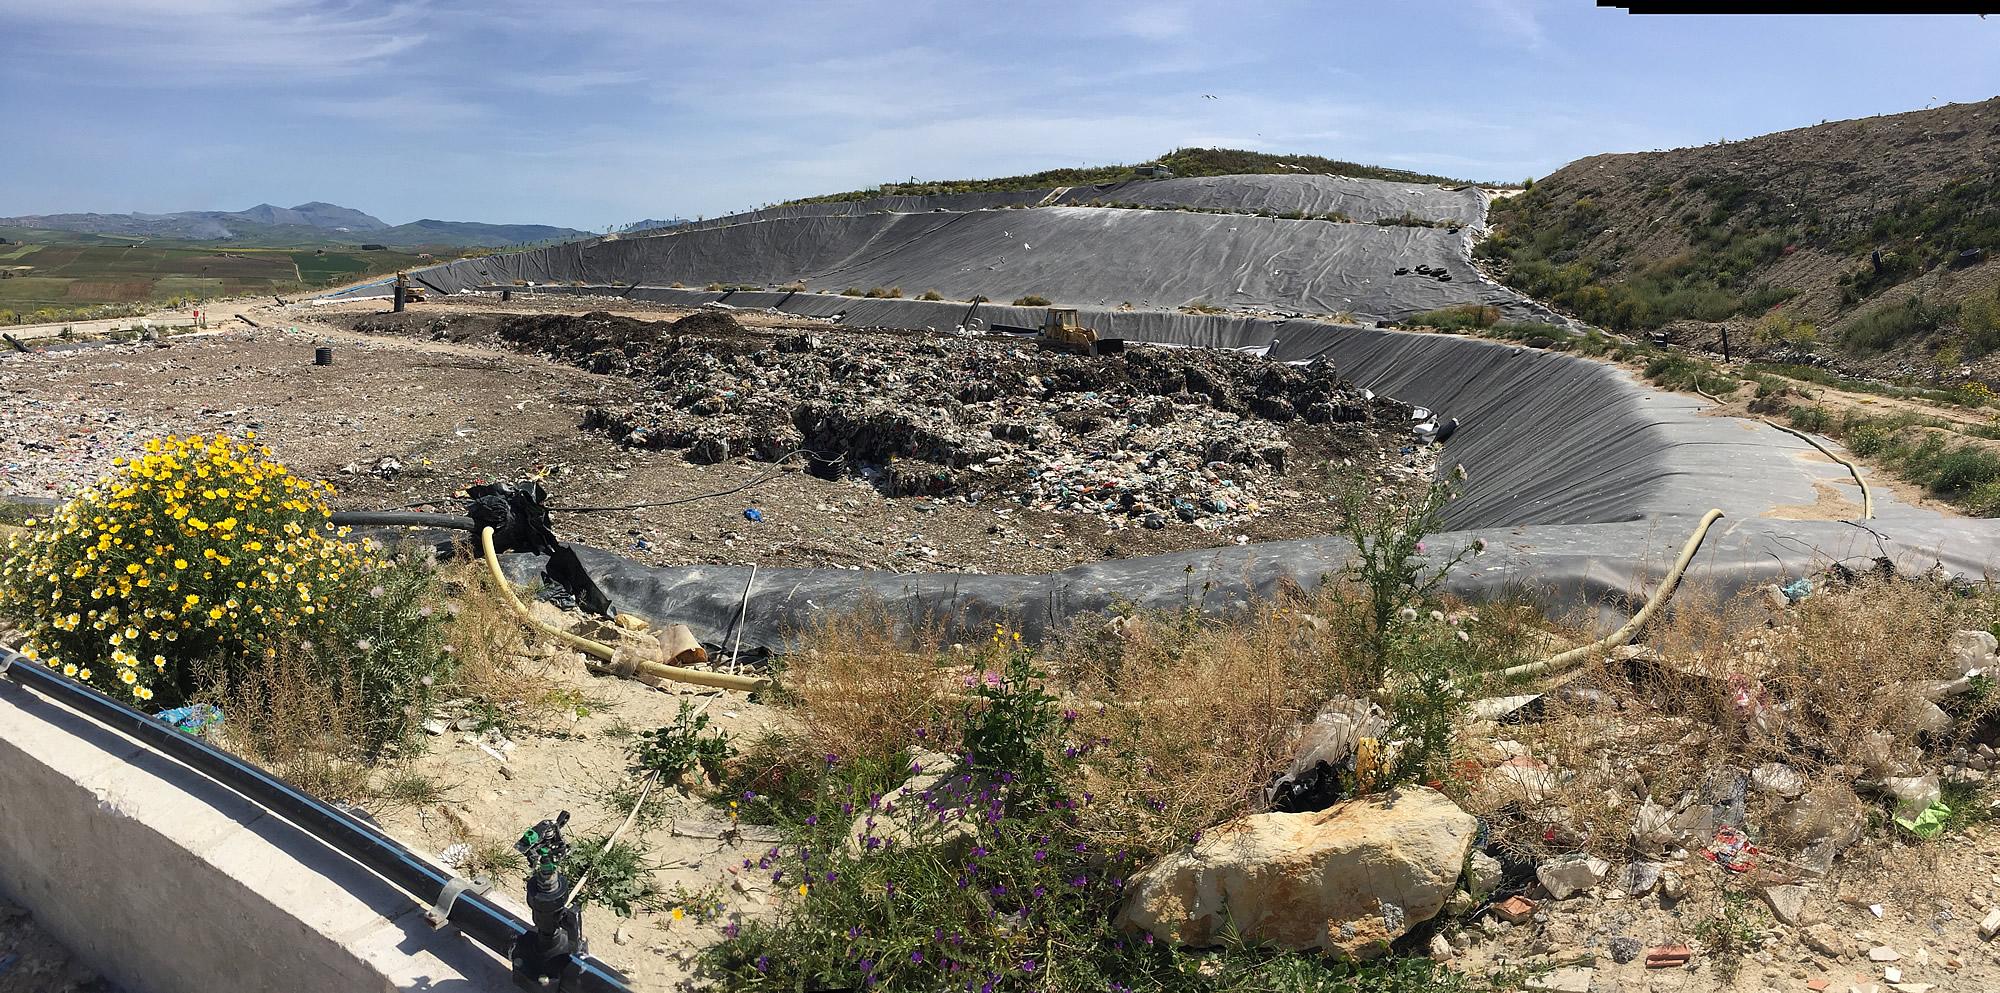 Dopo la chiusura della discarica di Bellolampo, arrivano a Trapani i rifiuti di Palermo